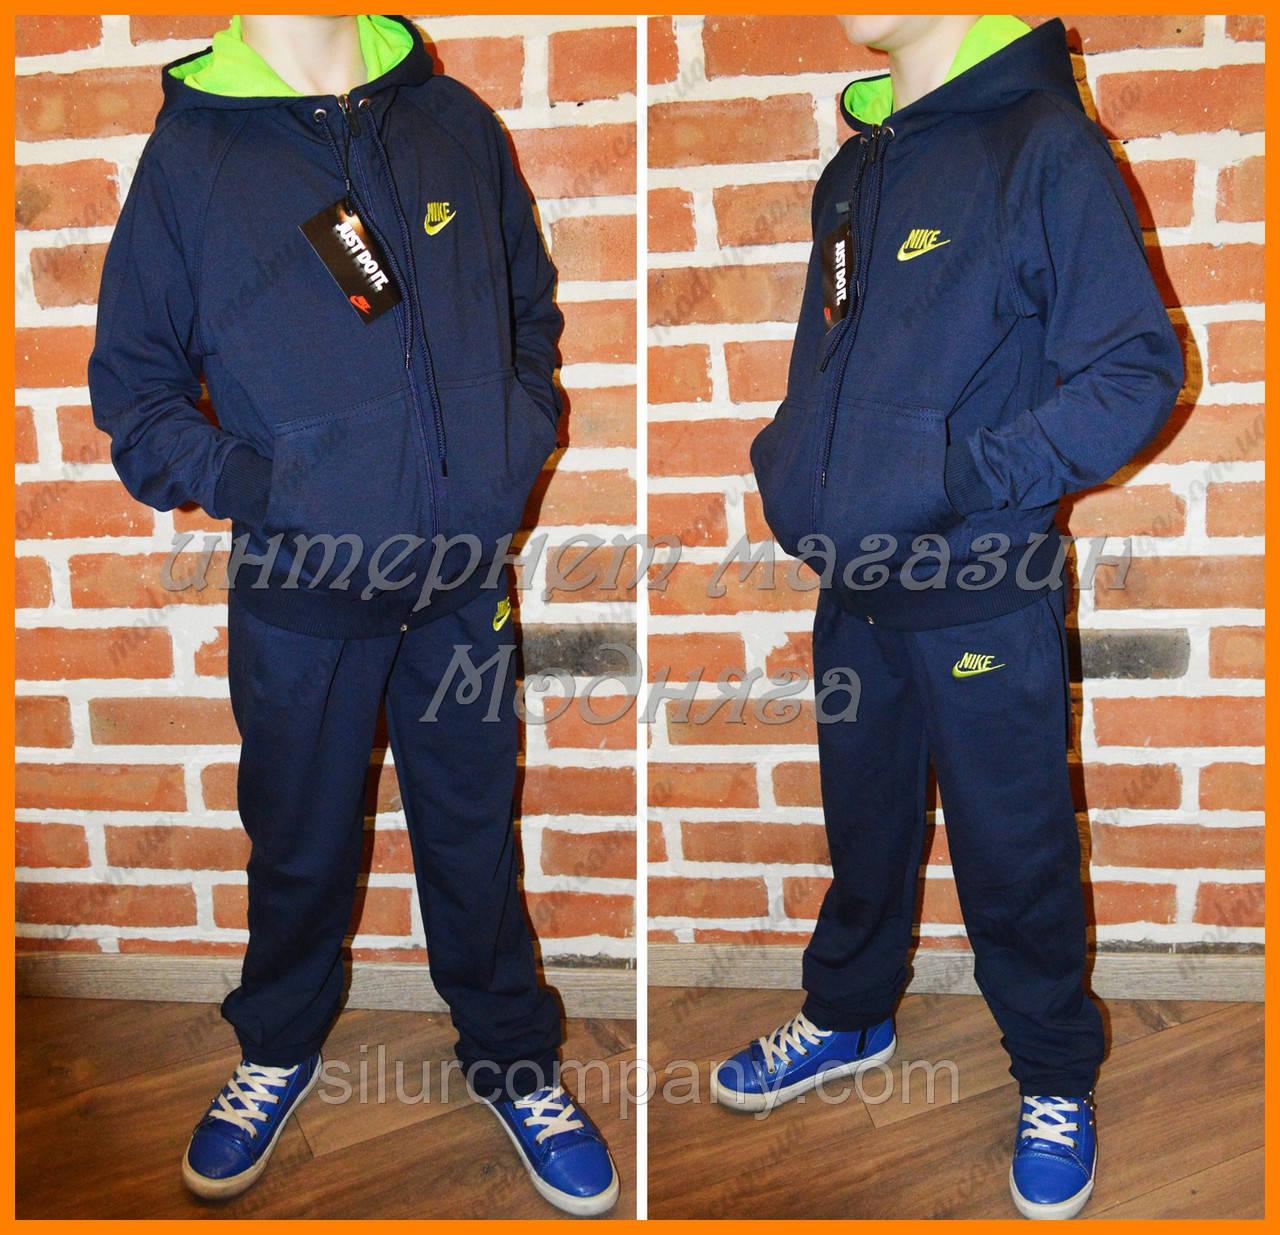 12fc5d38 Детские костюмы для мальчиков Nike   детский мир одежда - Интернет магазин